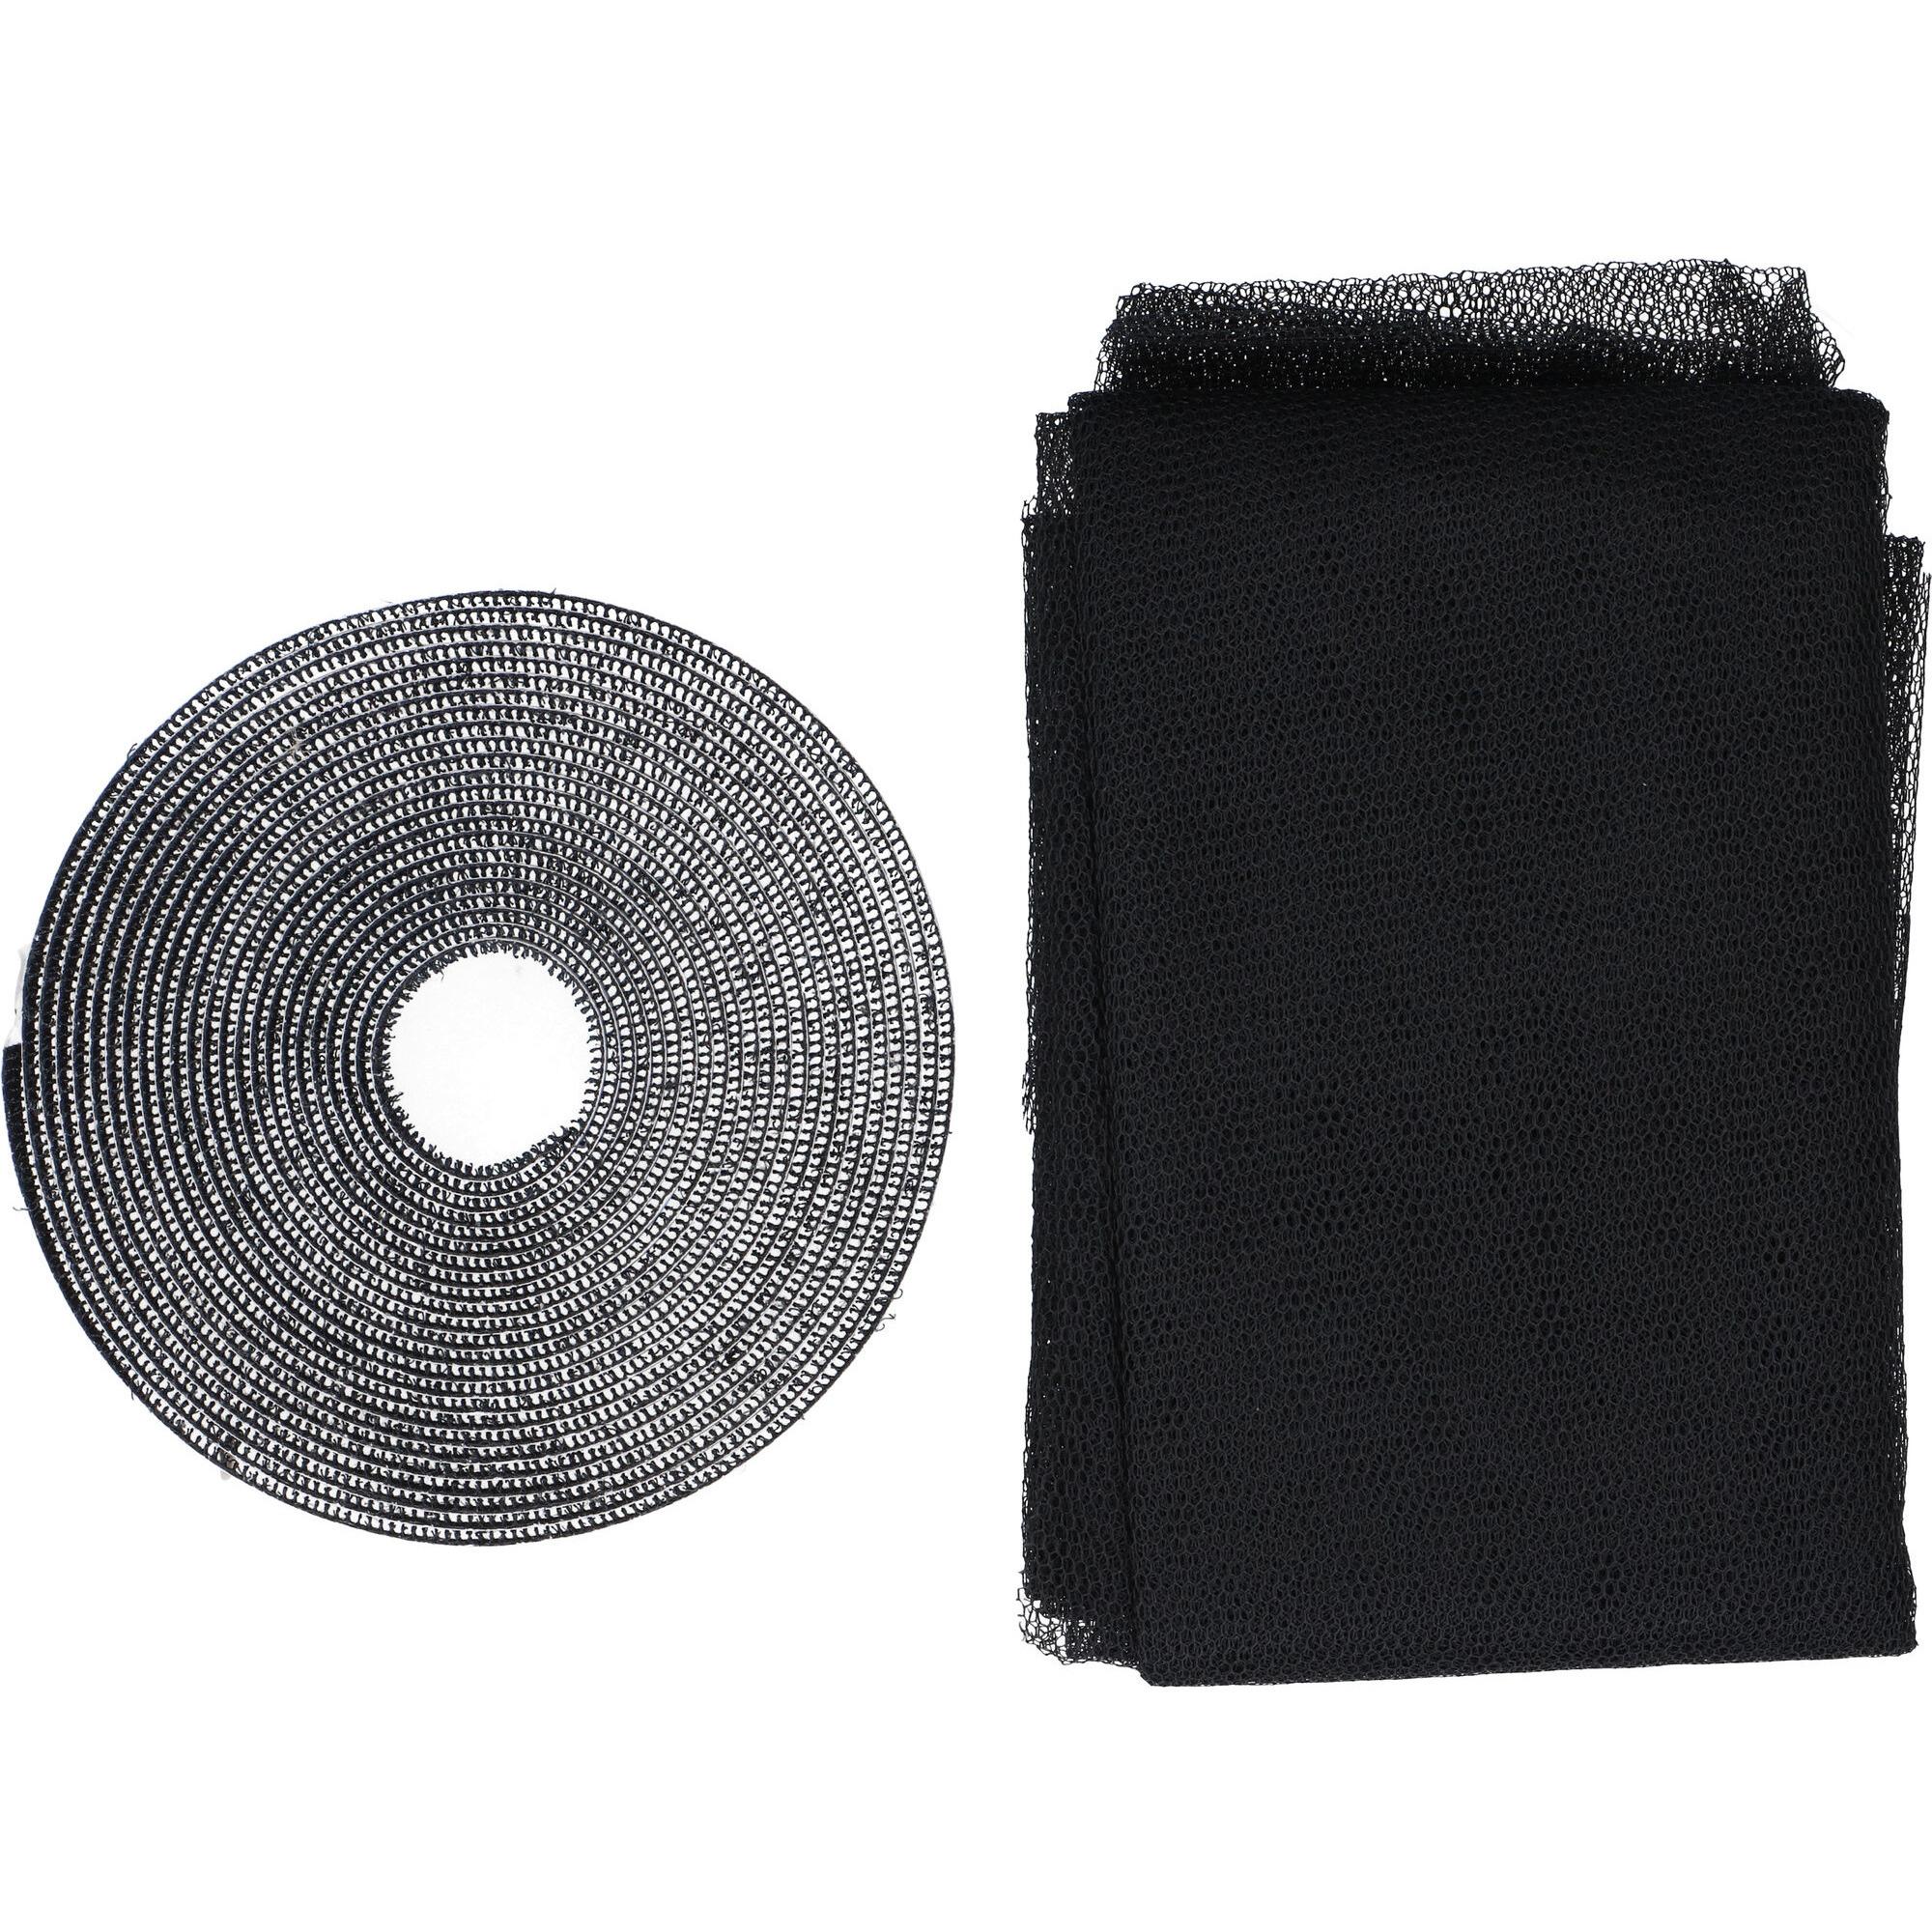 6x Opzet hor zwart 150 x 130 cm